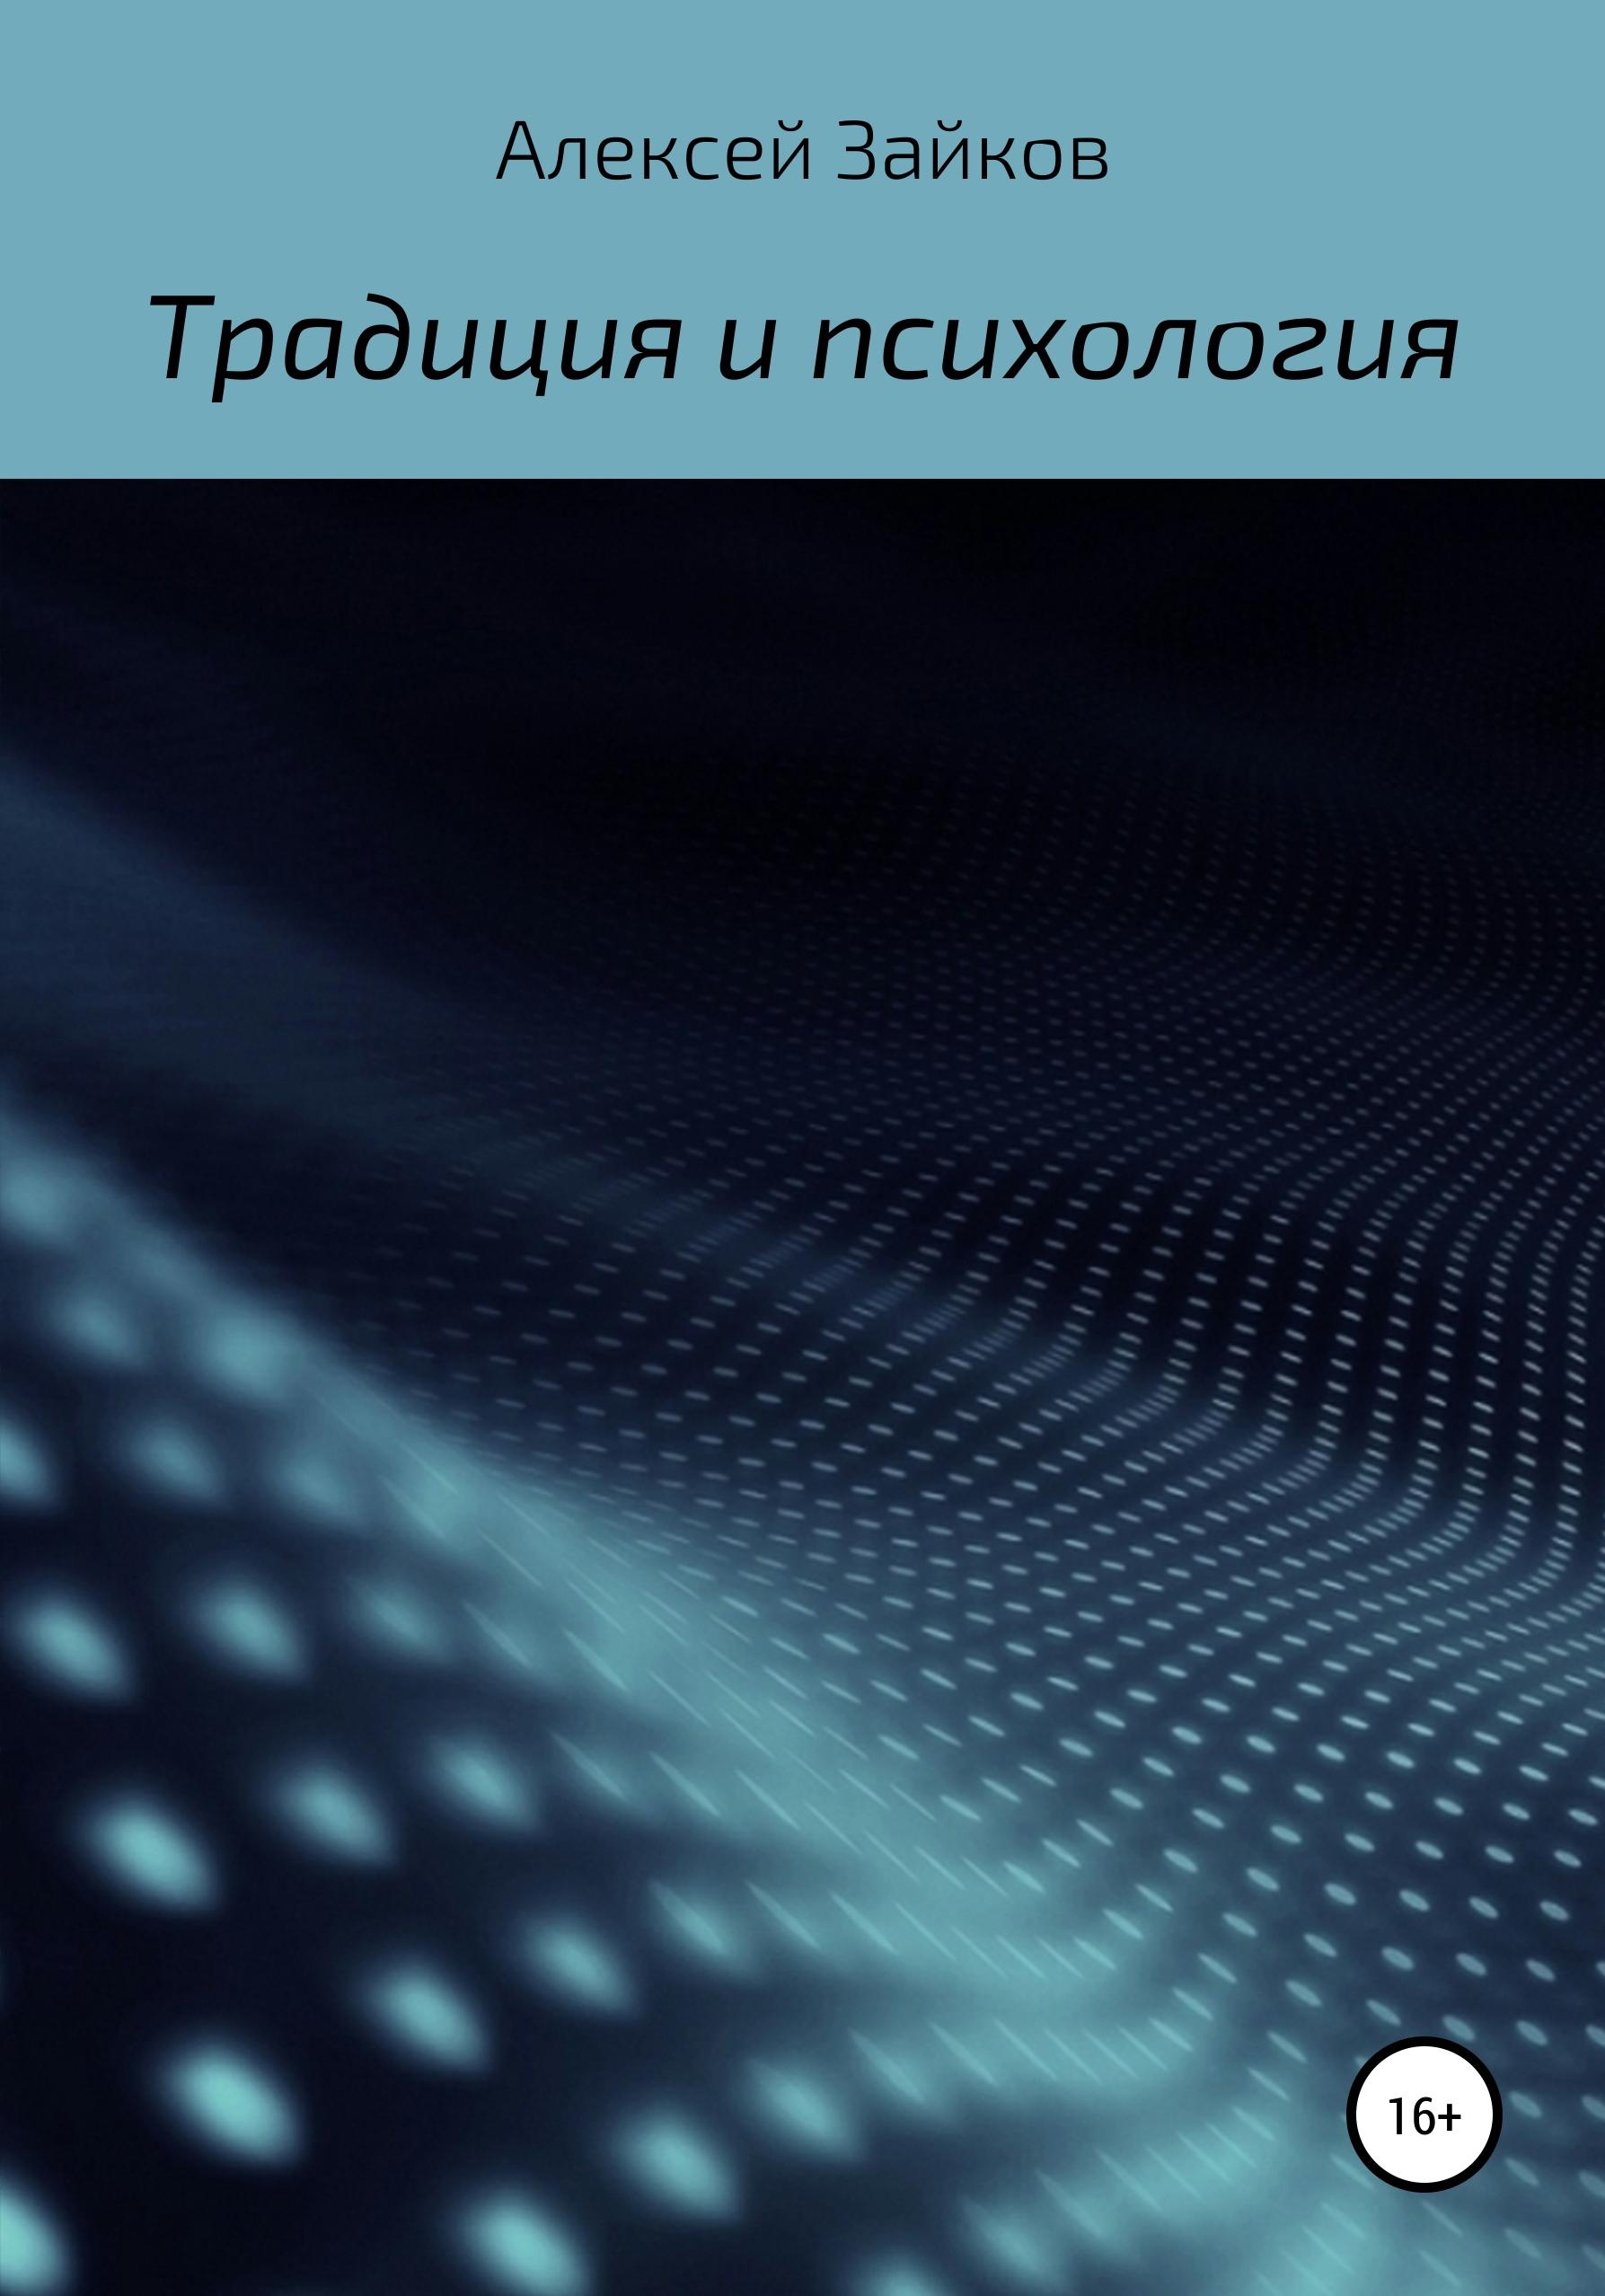 Статьи и очерки, посвященные Традиции и психологии